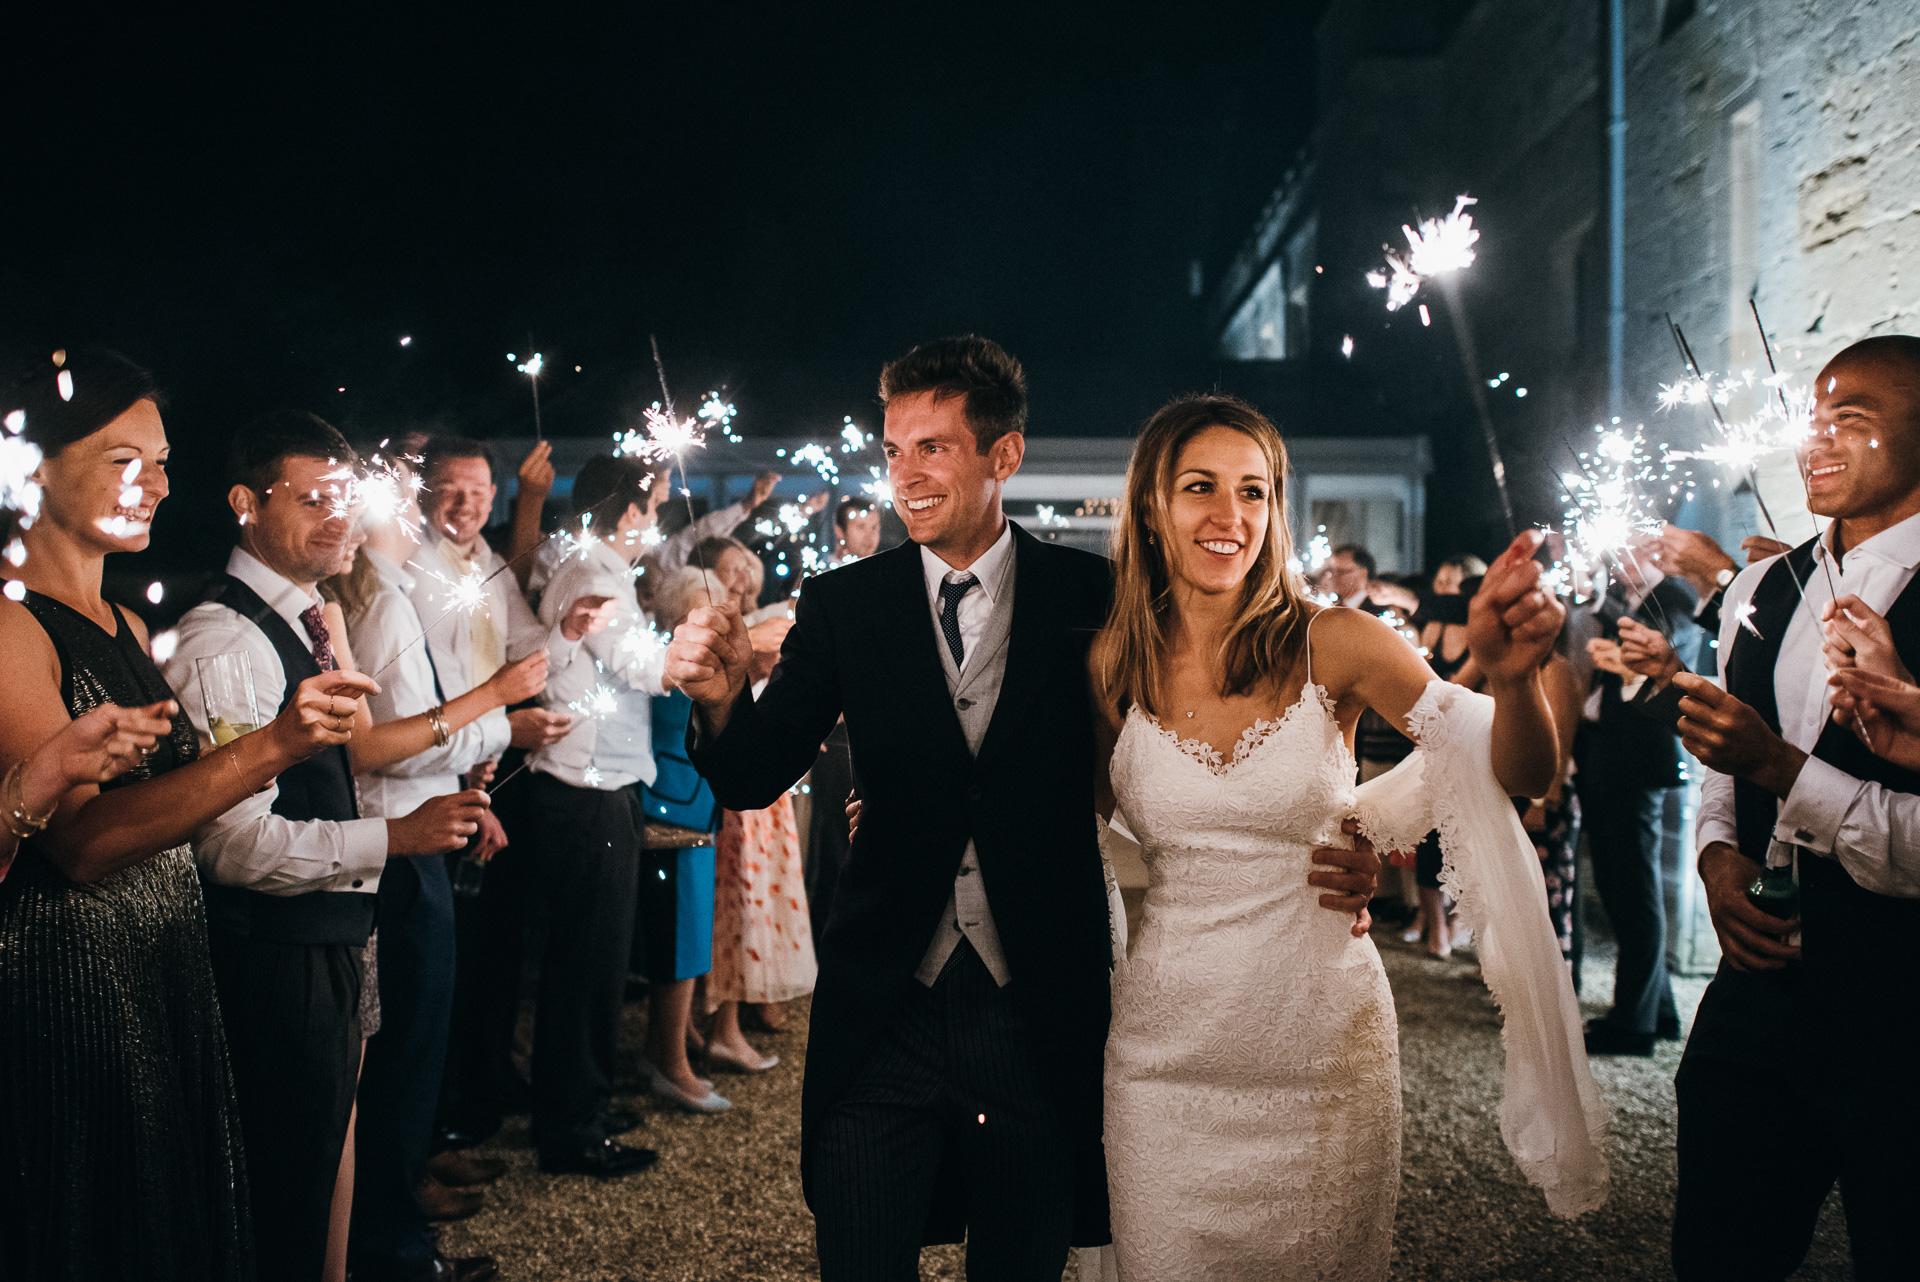 Sudeley castle wedding sparklers